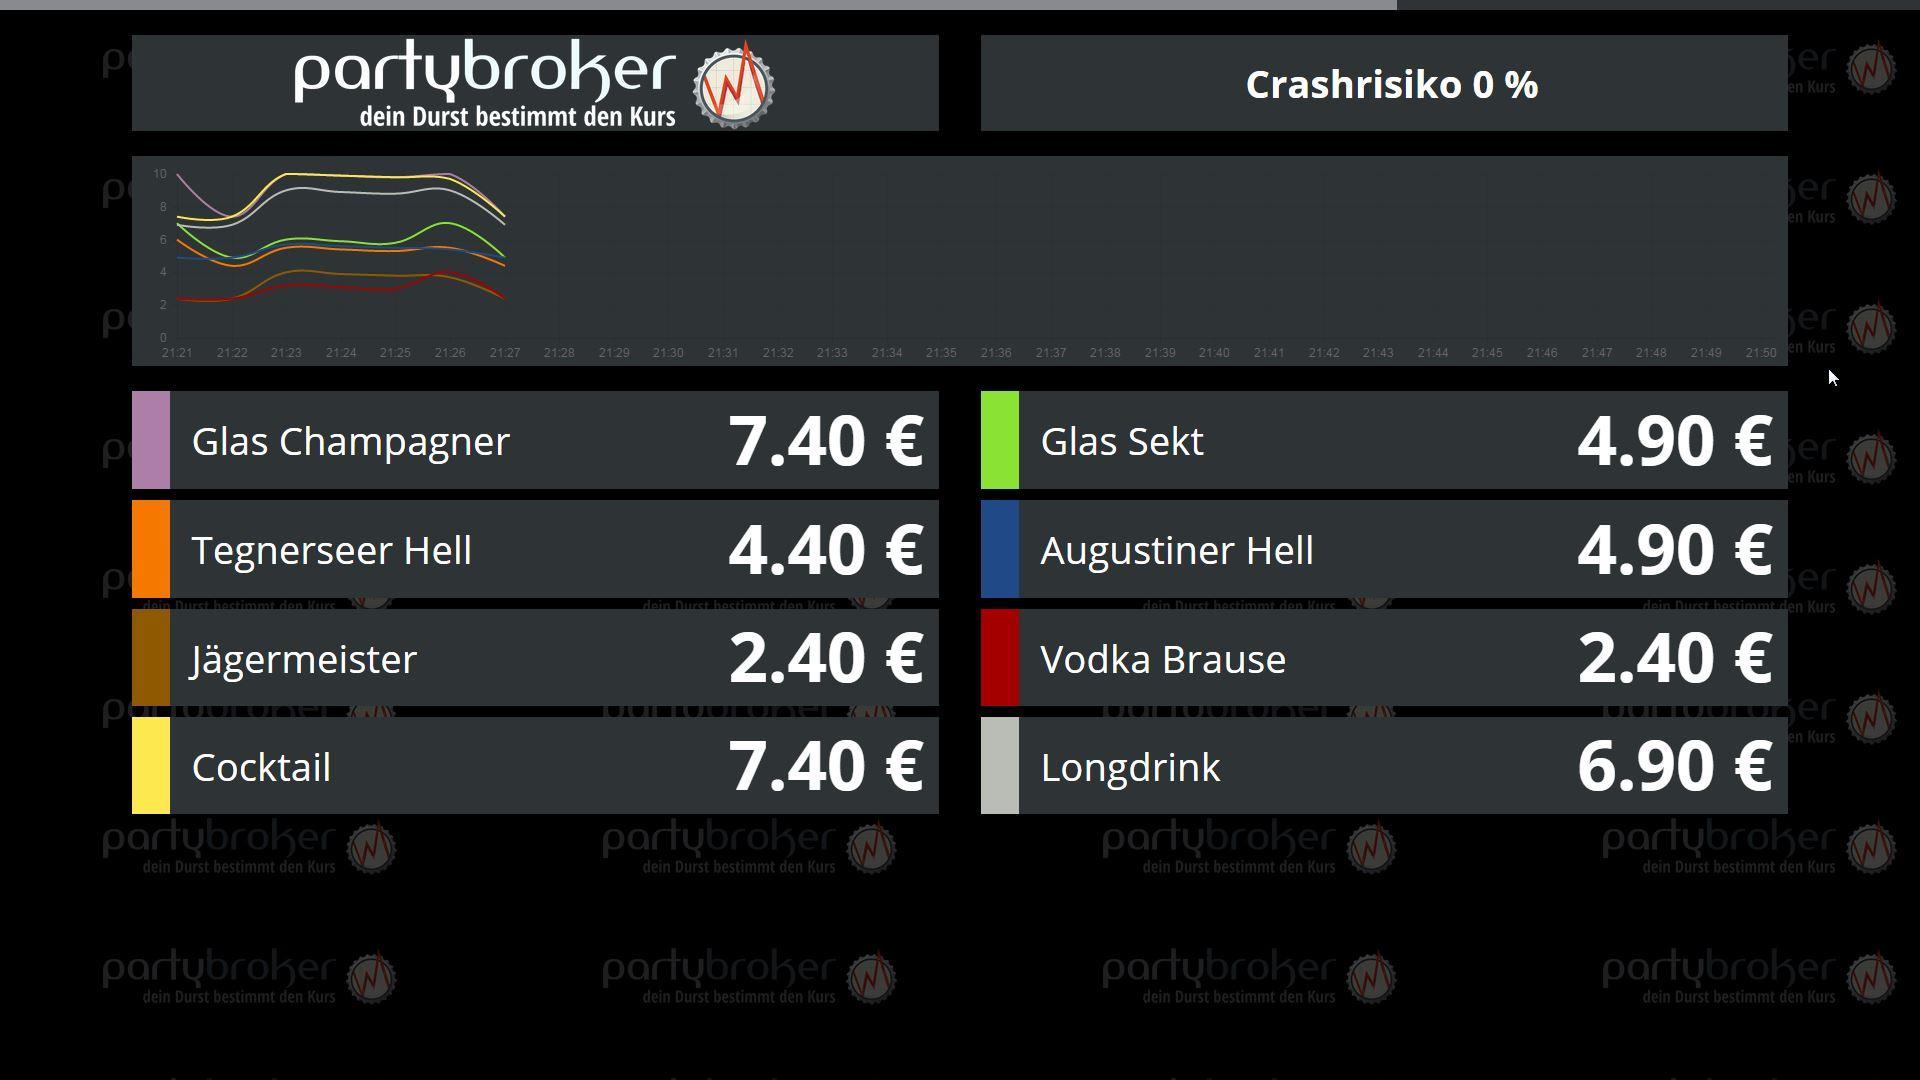 Der kostenfreie Modus enthält Partybroker-Logos. Die Whitelabel-Lösung ist im Premium-Modus verfügbar.